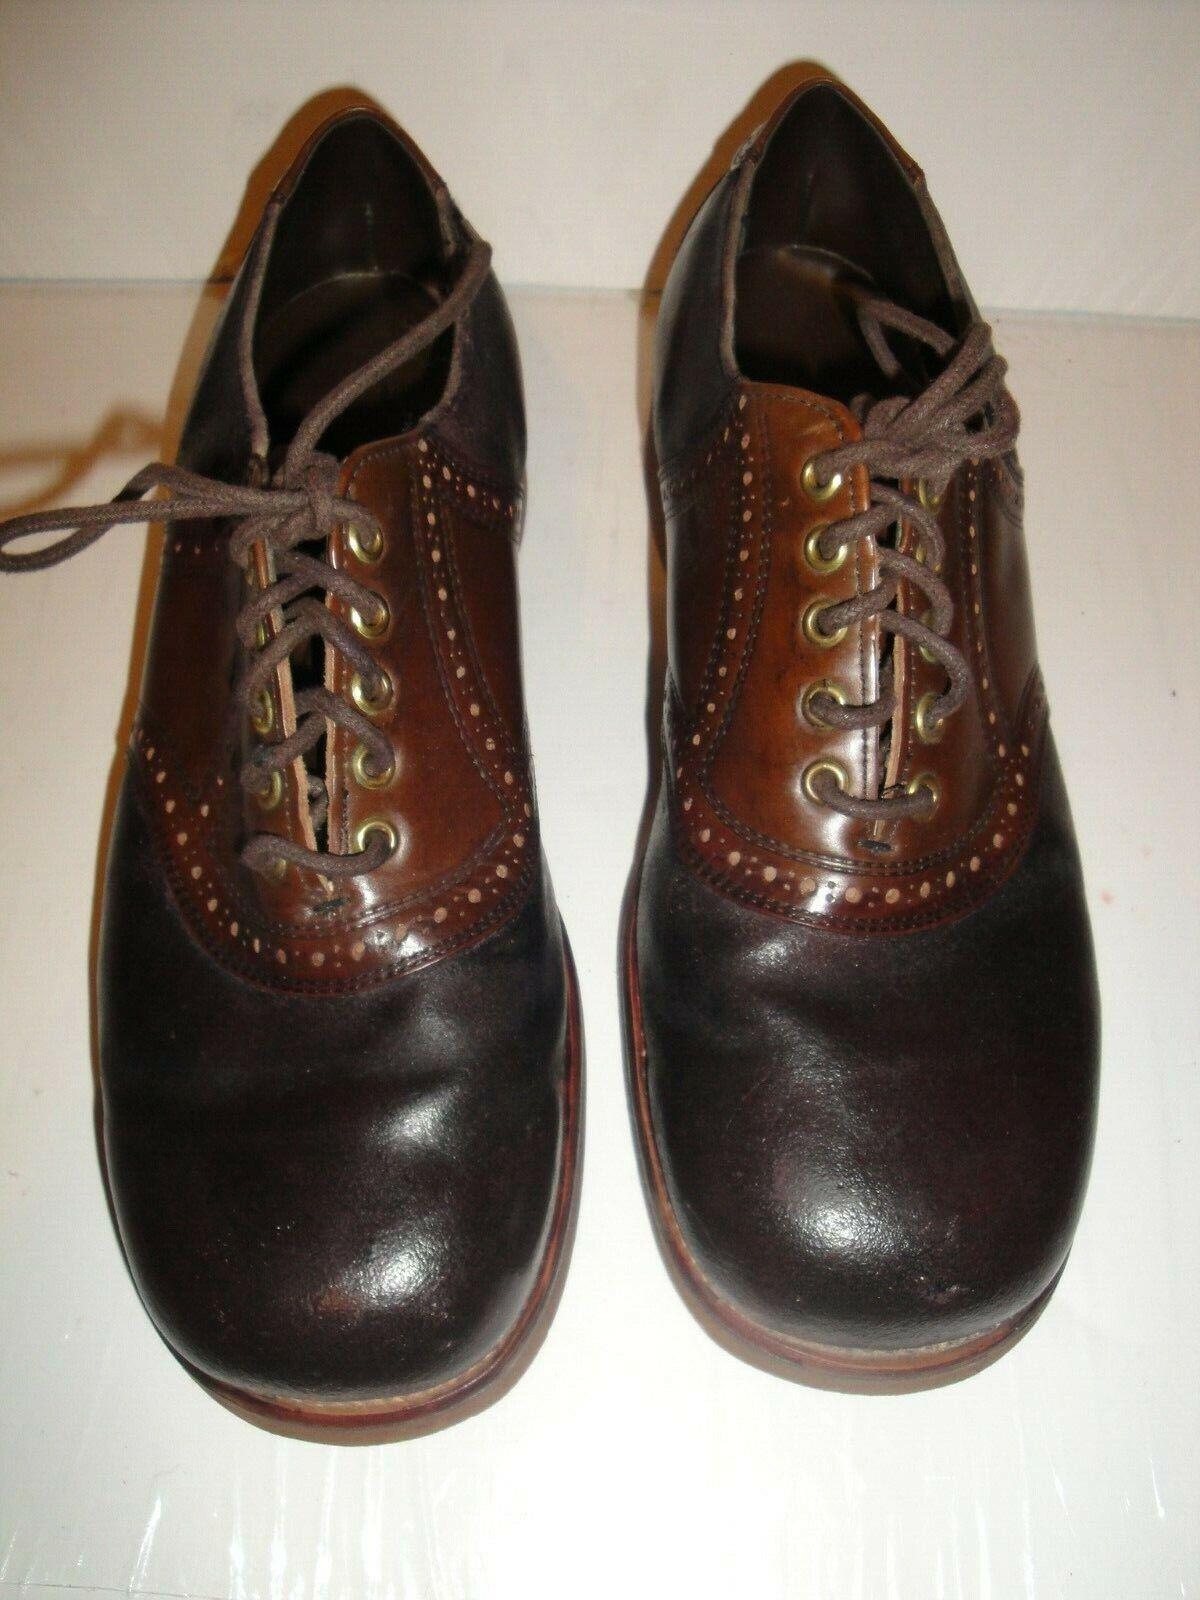 Vintage Brown Black Leather Oxfords Men's shoes Size 10.5M